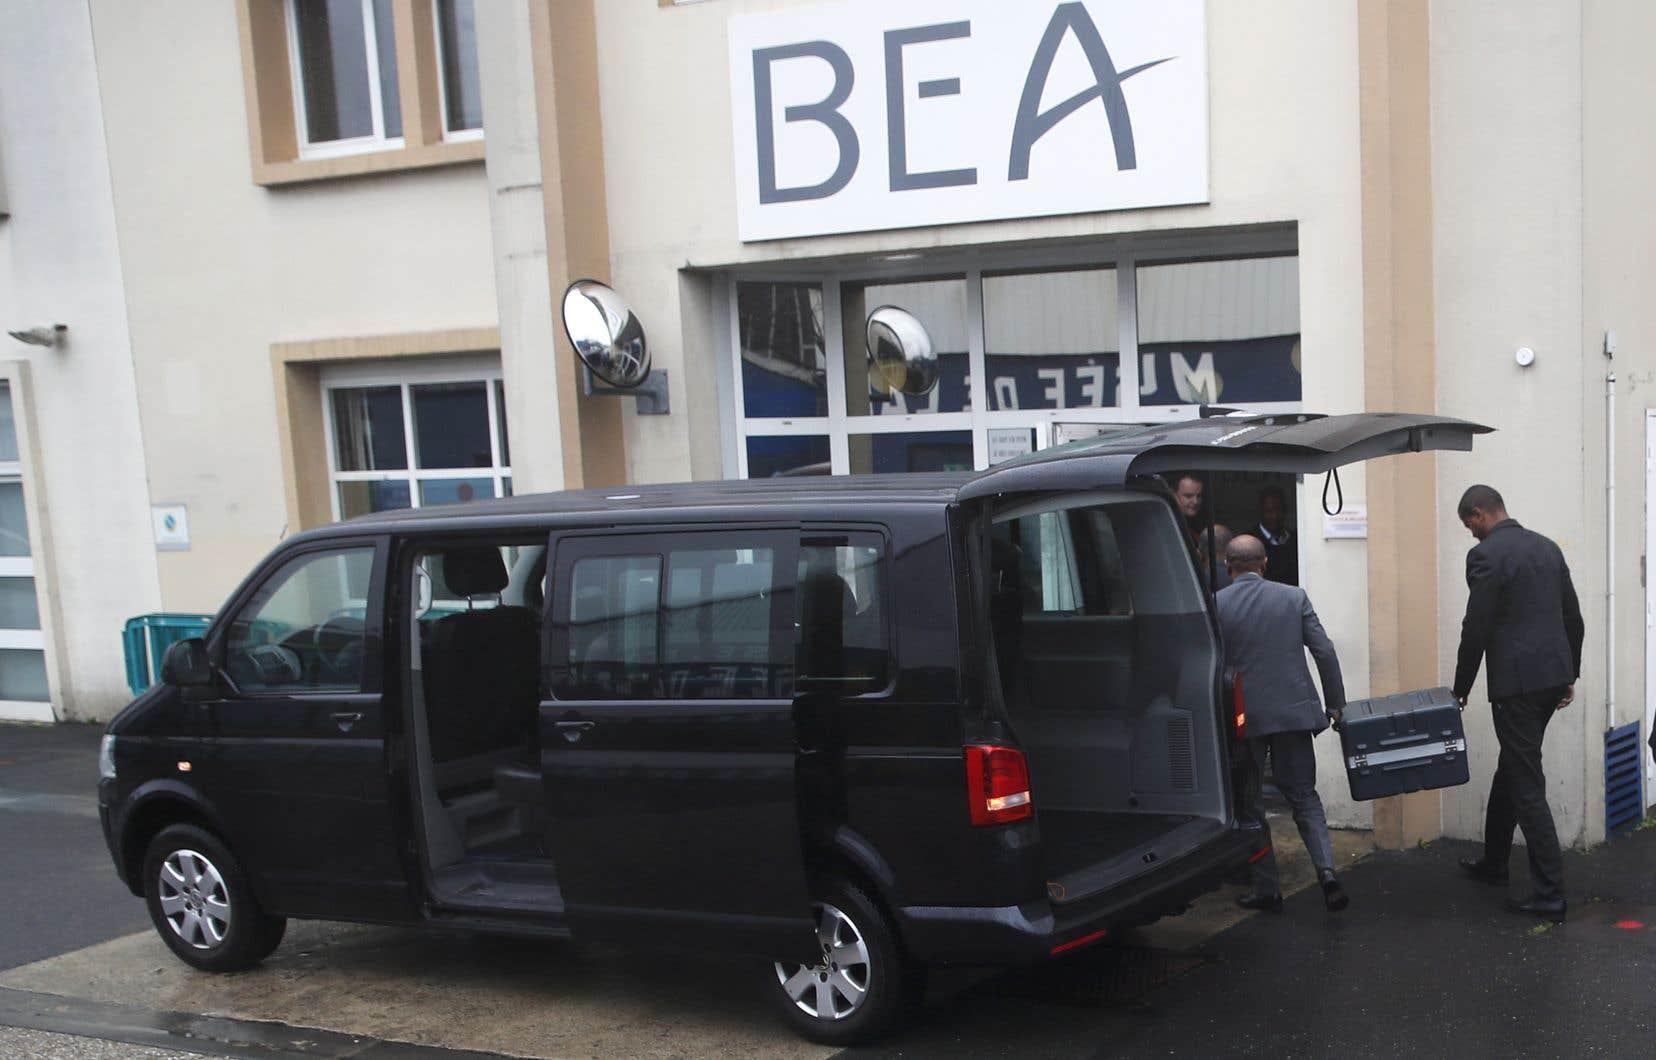 Les enregistreurs de vol ont été remis au Bureau français d'enquêtes et d'analyses (BEA), où ils seront analysées.